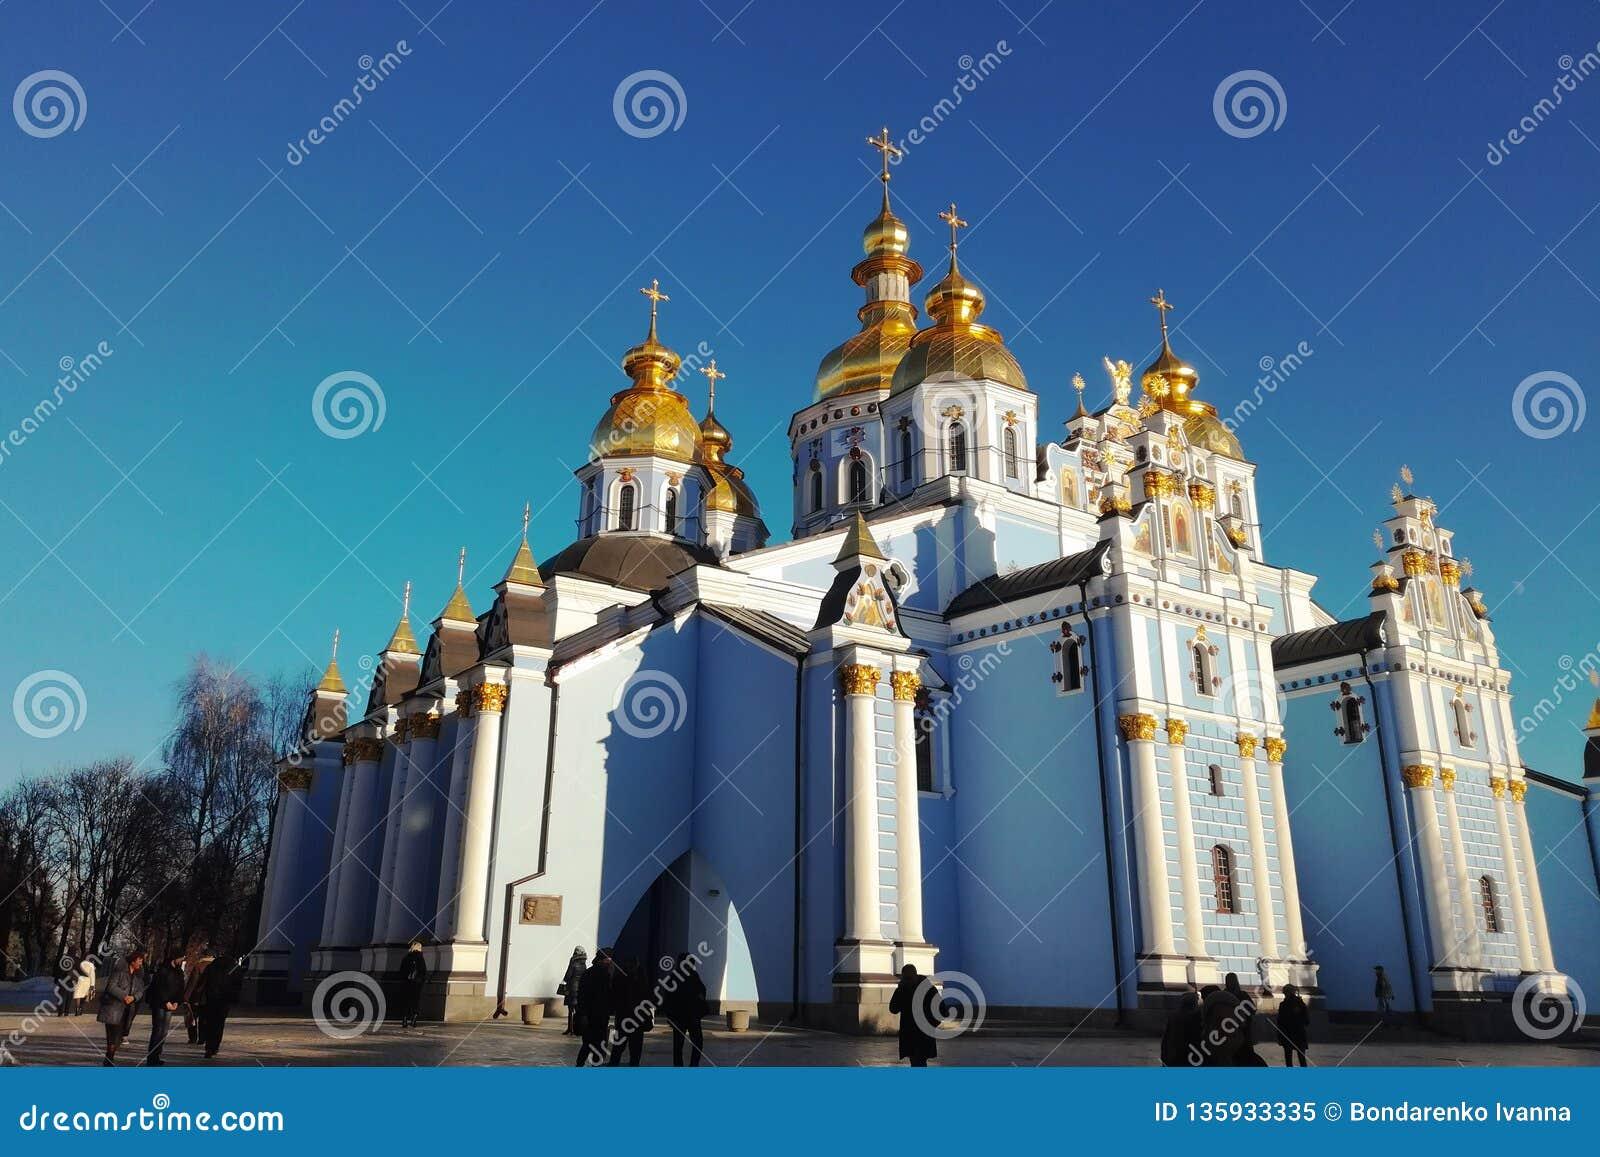 Kiew Ukraine - 26 12 2018: St Michael u. x27; Golden-gewölbtes Kloster s, berühmter Kirchenkomplex in Europa